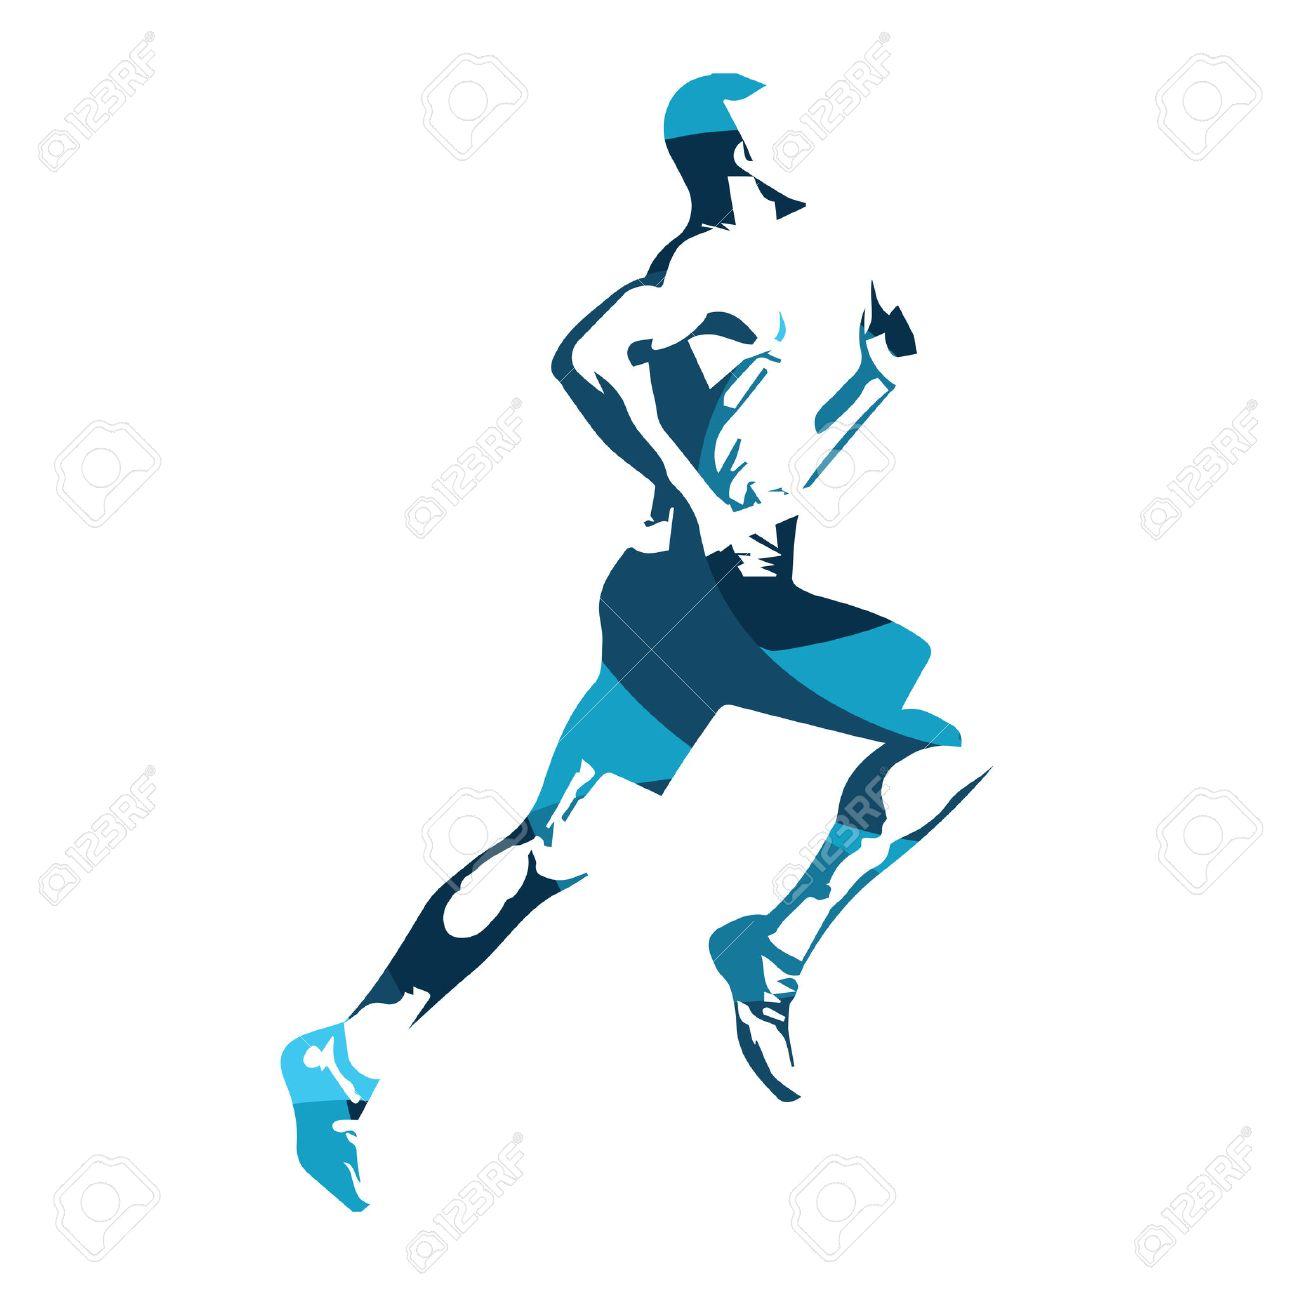 Abstract blue vector runner. Running man, vector isolated illustration. Sport, athlete, run, decathlon - 55407937